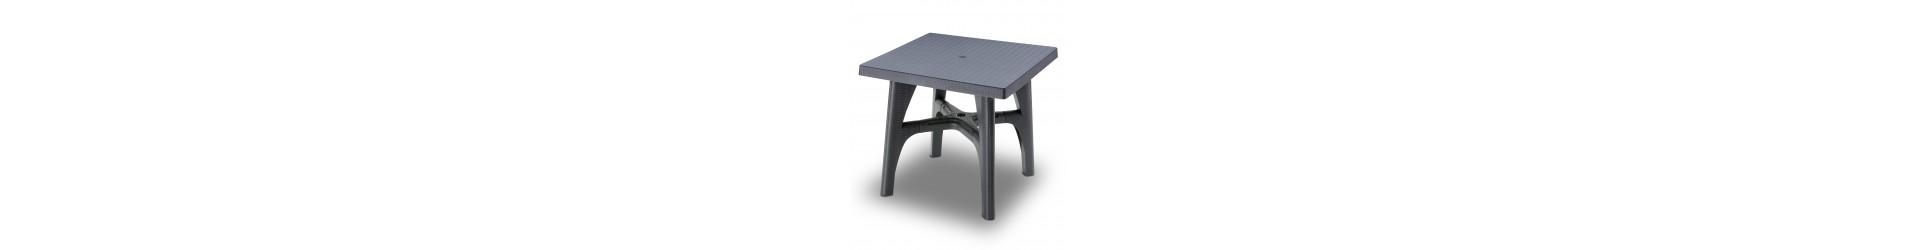 Tables d'appoint de jardin, tables de jardin et d'extérieur